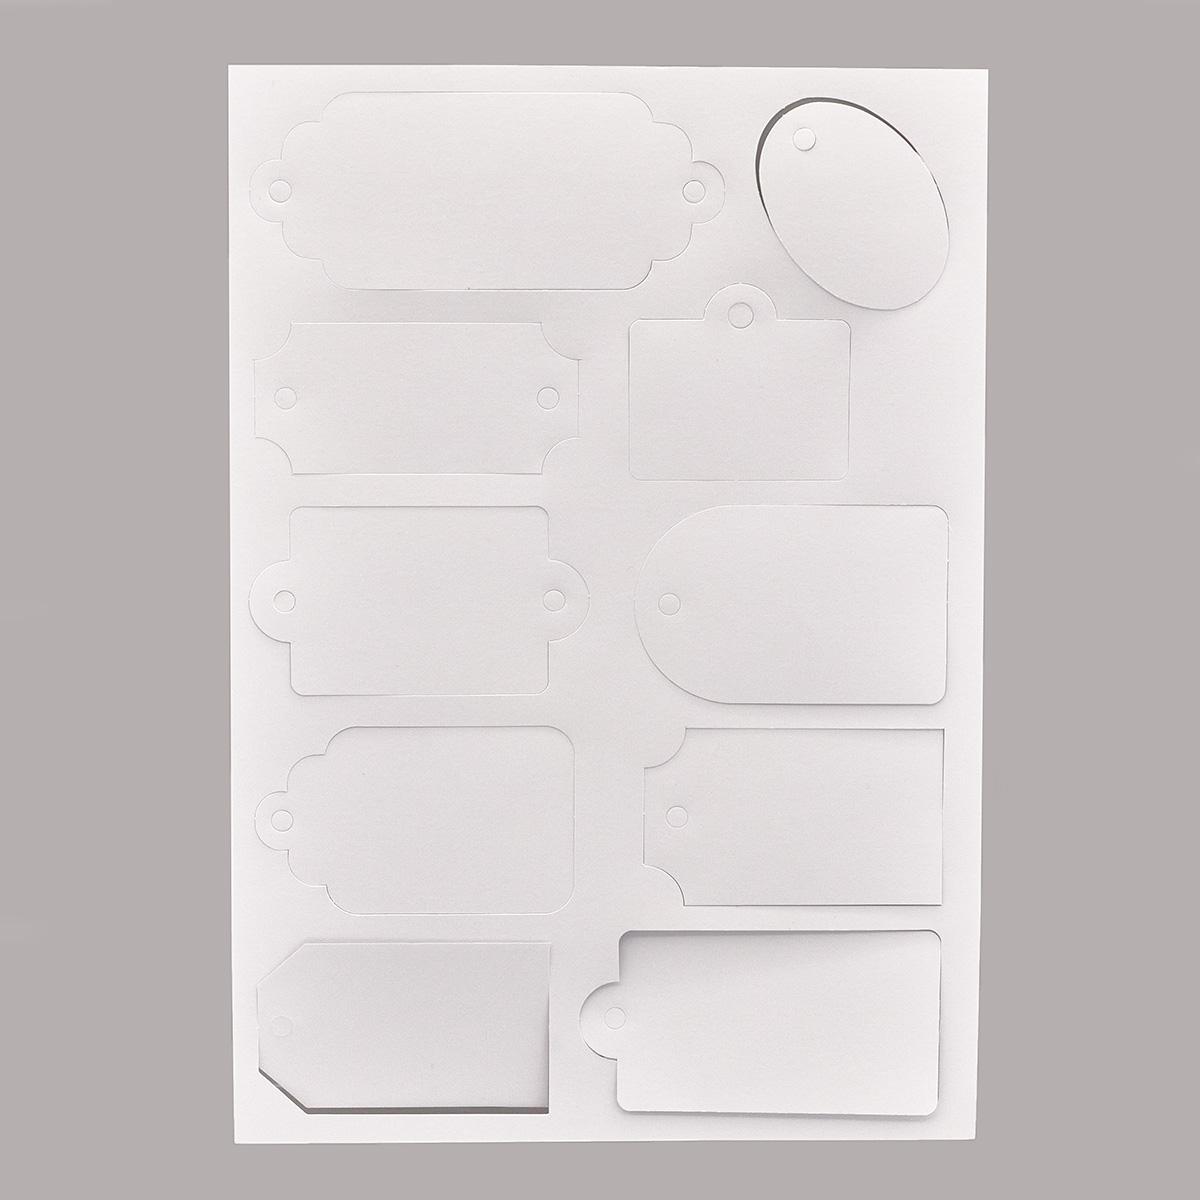 ВФ024 Набор ярлычков, от 6,2*4,3 см до 13*5,2 см, упак./10 шт.